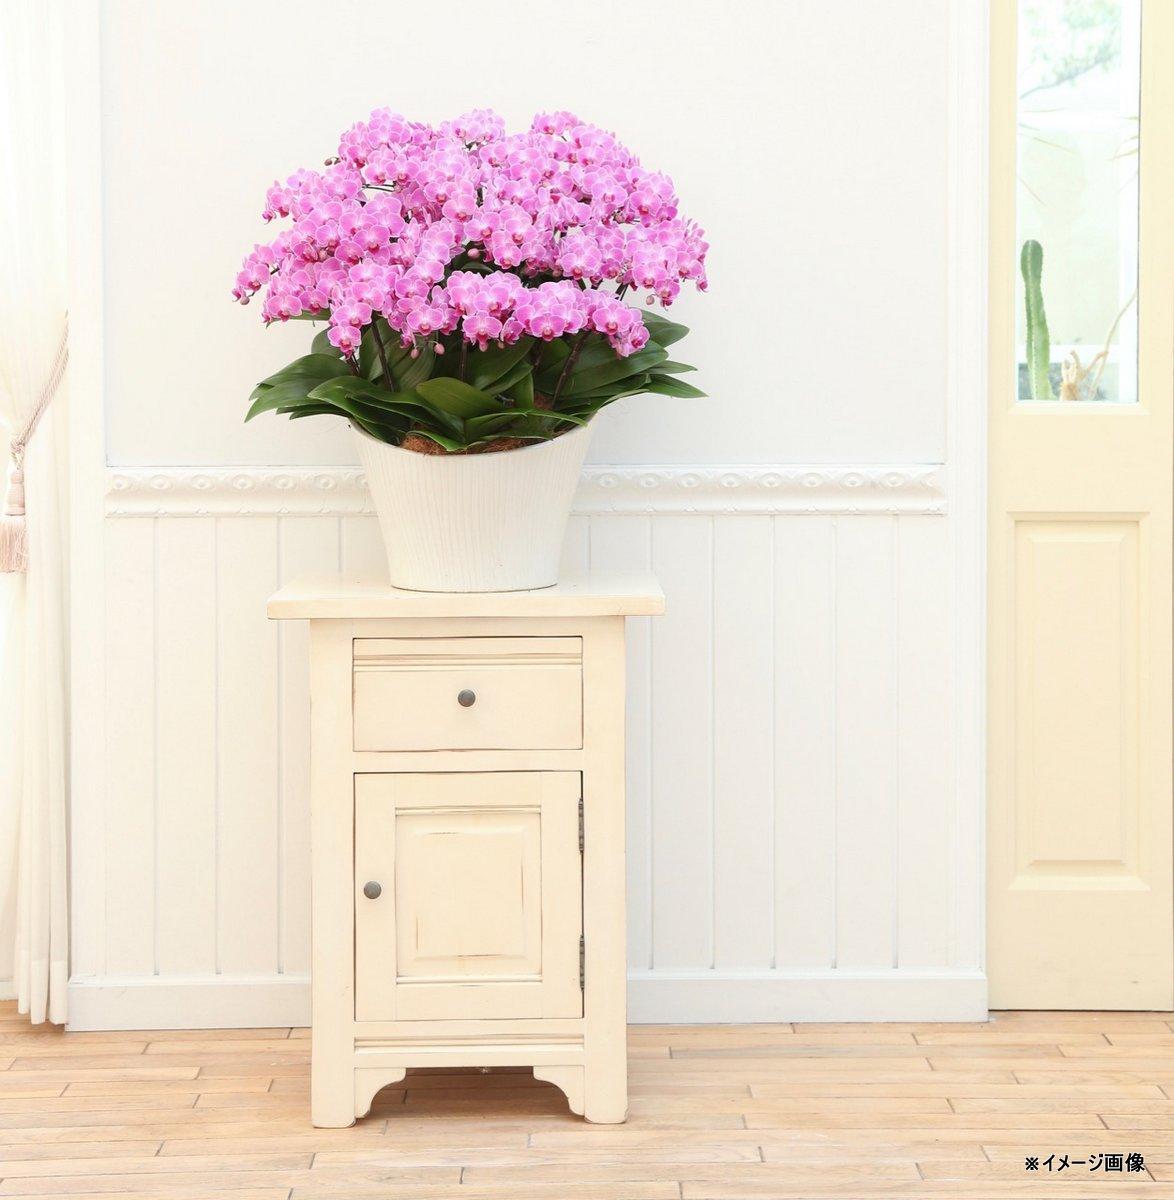 《胡蝶蘭》アンスラパレルモ 2本立ち  クローム鉢(こちょうらん)